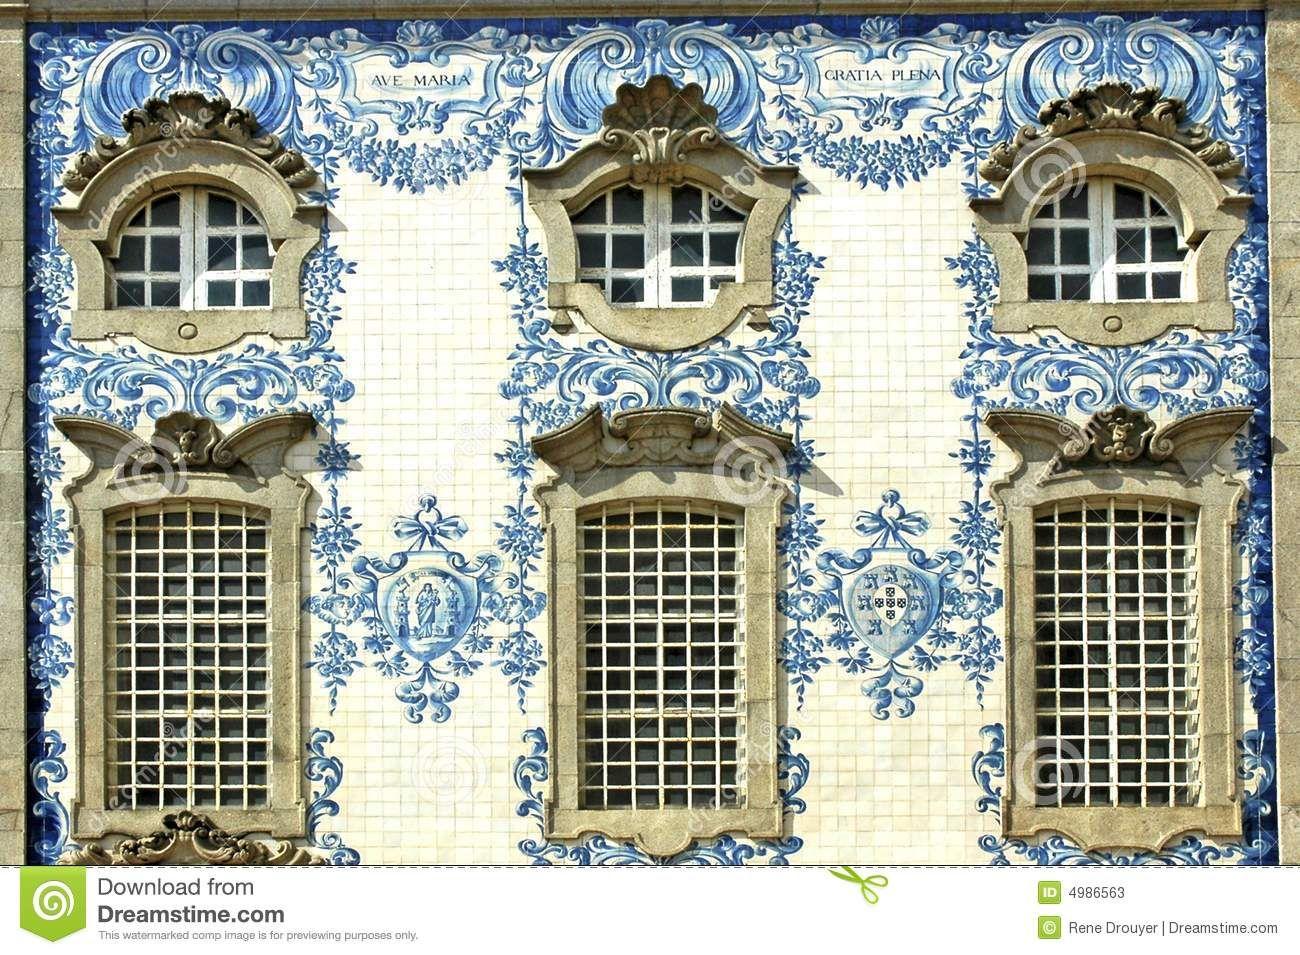 fachadas de casas tradicionais portuguesas Google Search